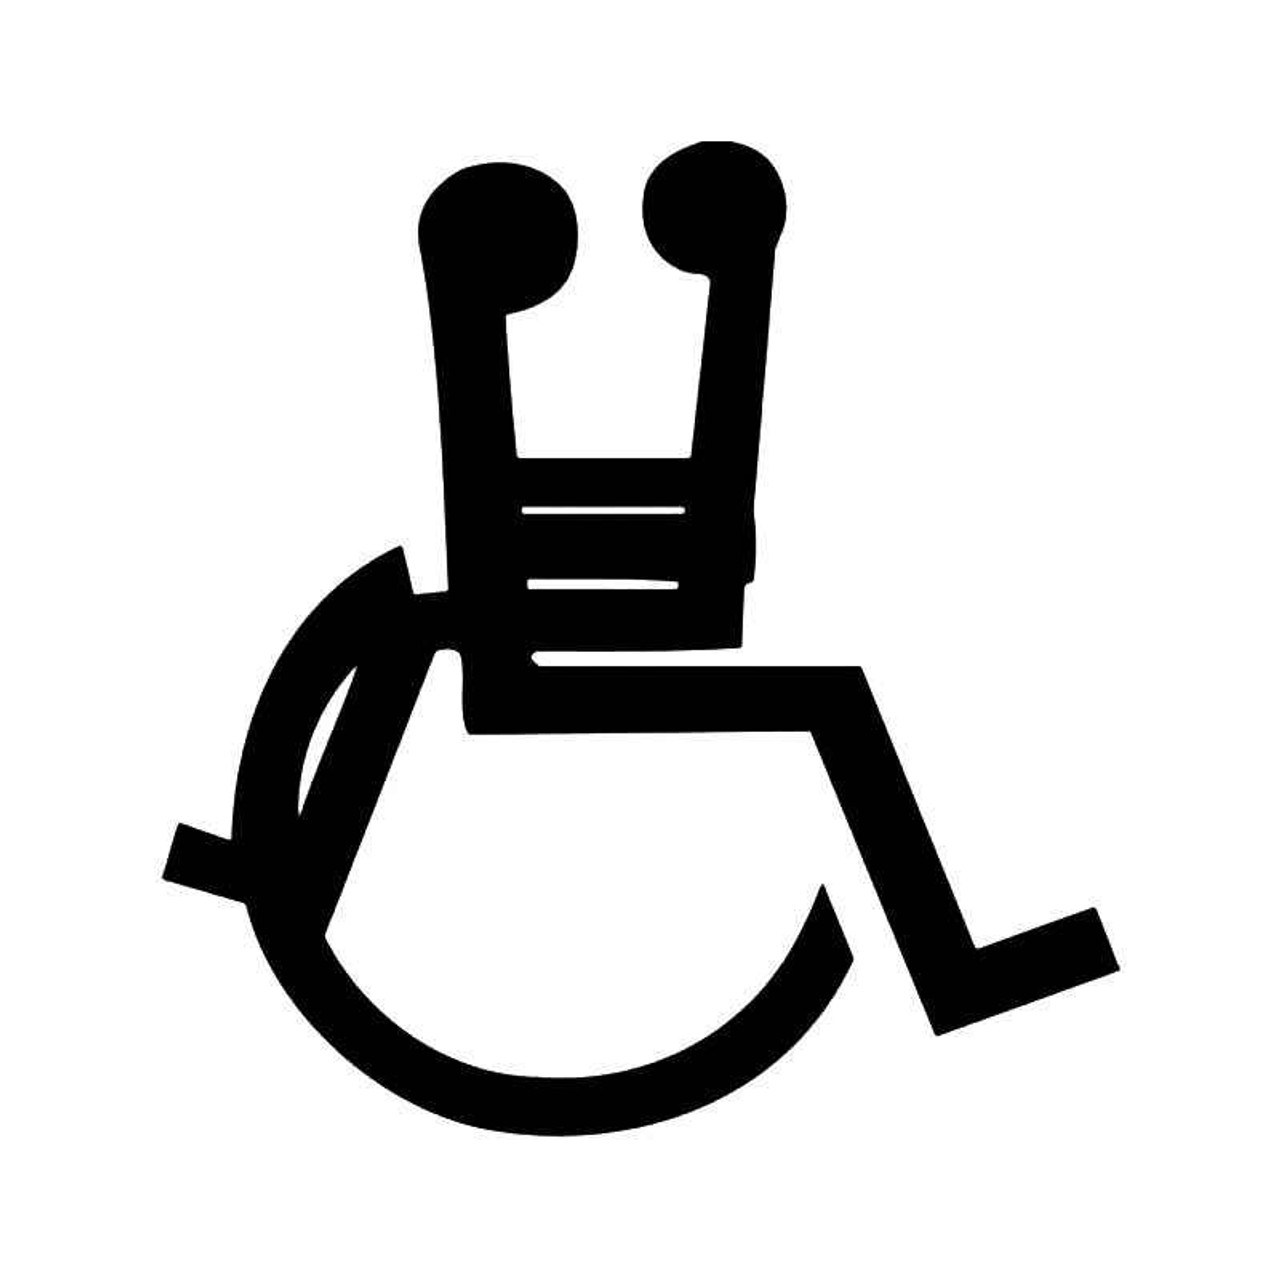 Wheelchair Handicap Sex Funny Vinyl Sticker